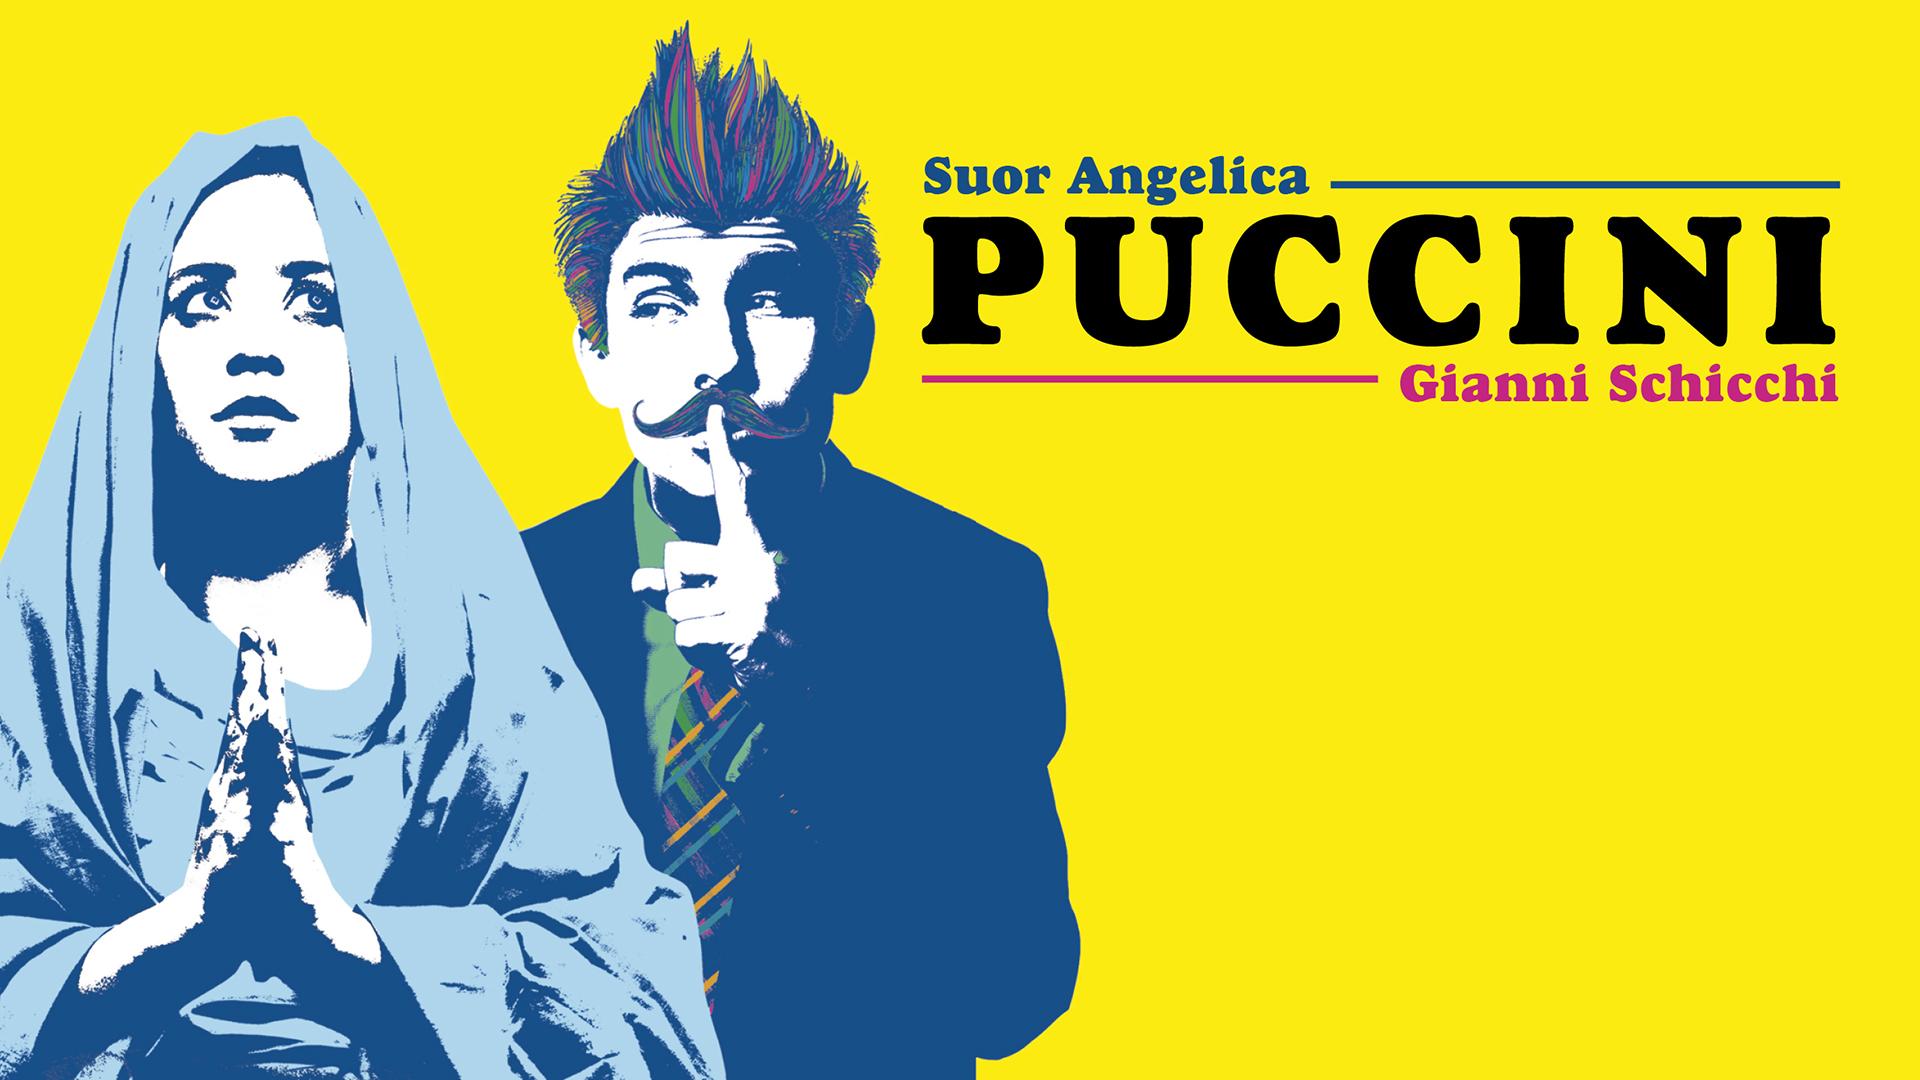 Puccini Opera's Suor Angelica, Gianni Schicchi